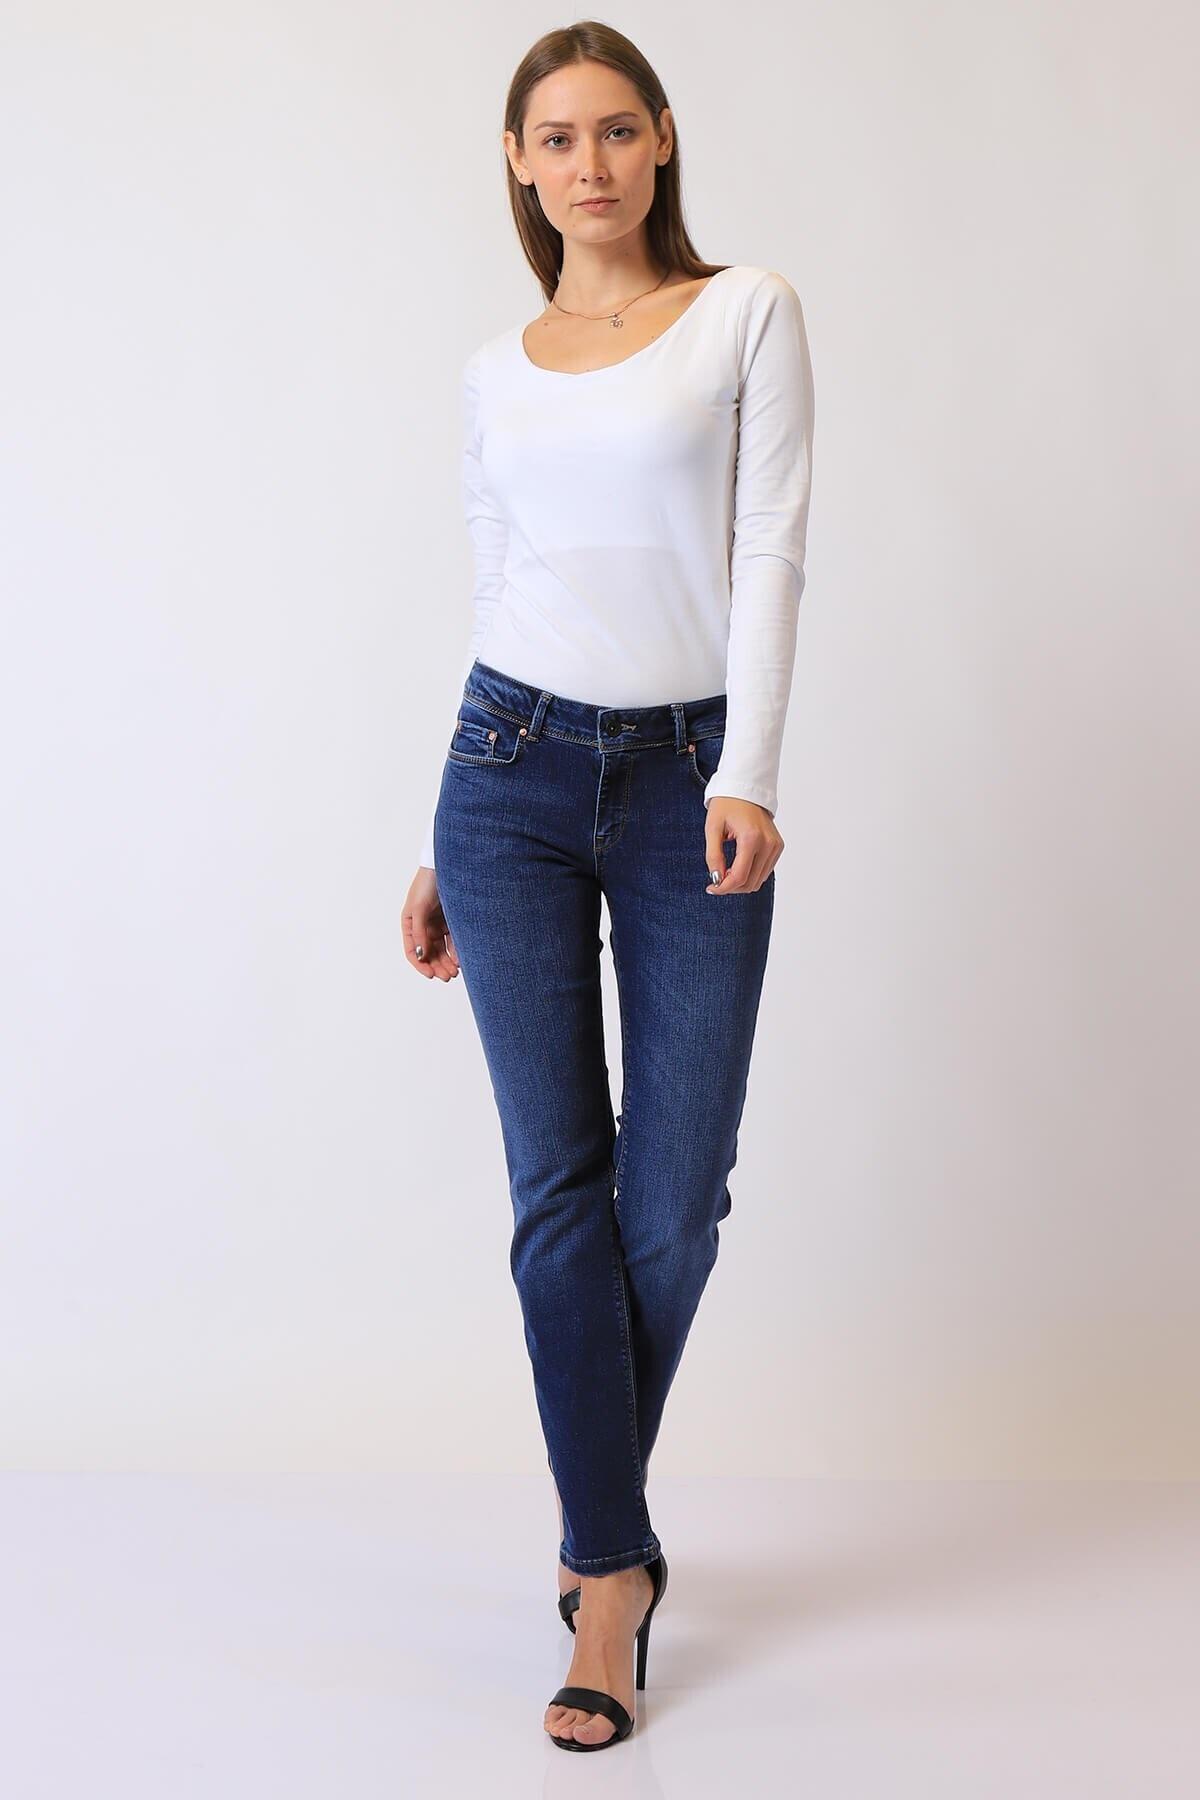 Twister Jeans Kadın Slim Fit Düşük Bel Pantolon Suzy 9001-24 (T) 24 1